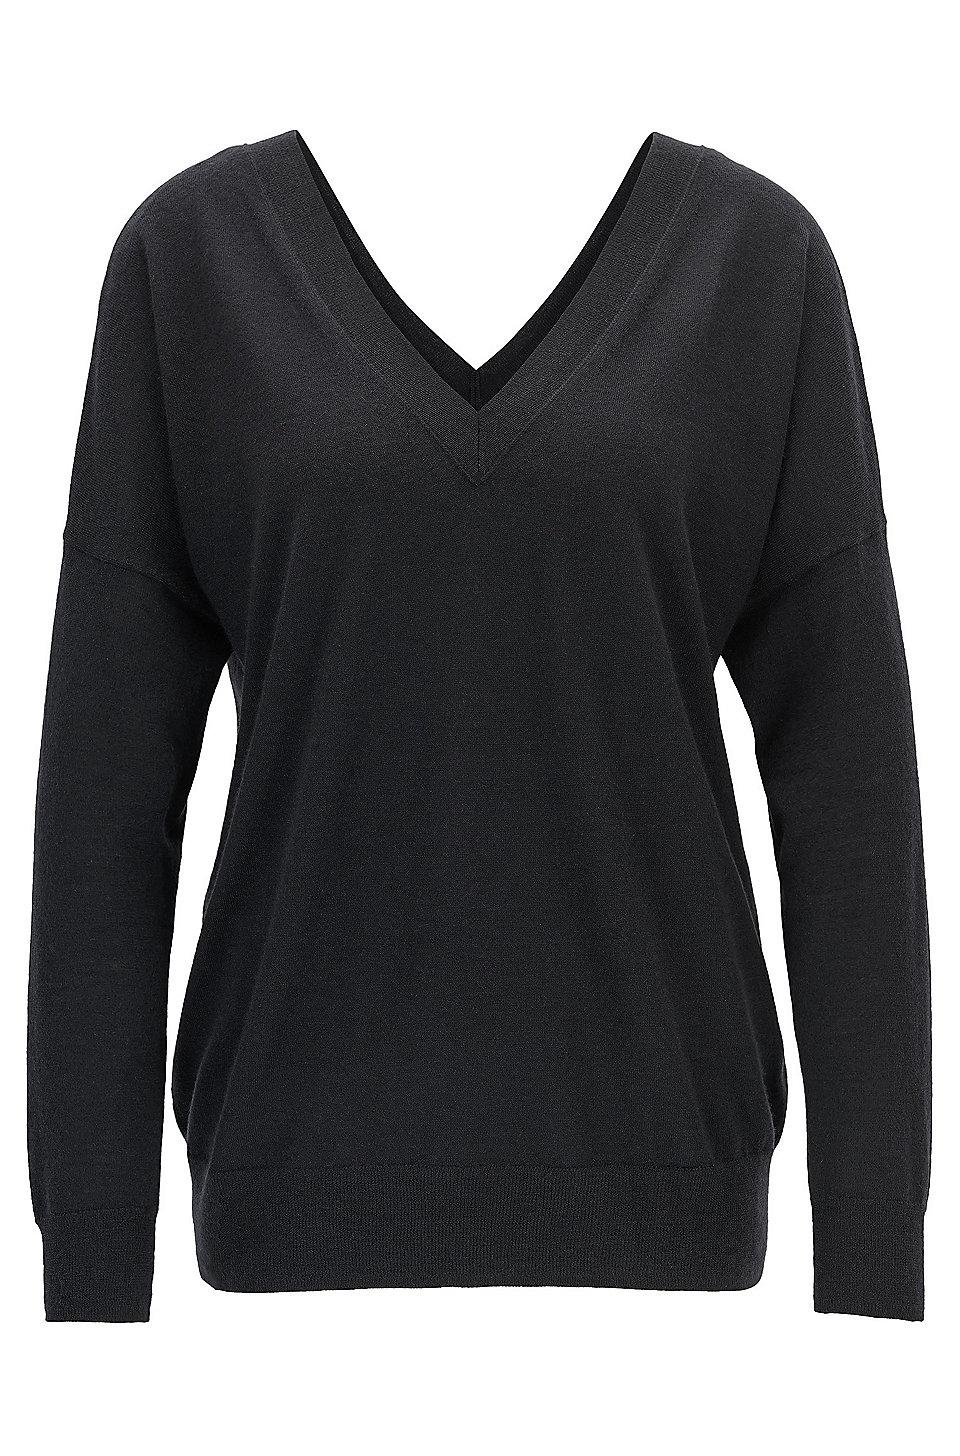 HUGO BOSS® Women's Sweaters & Knits